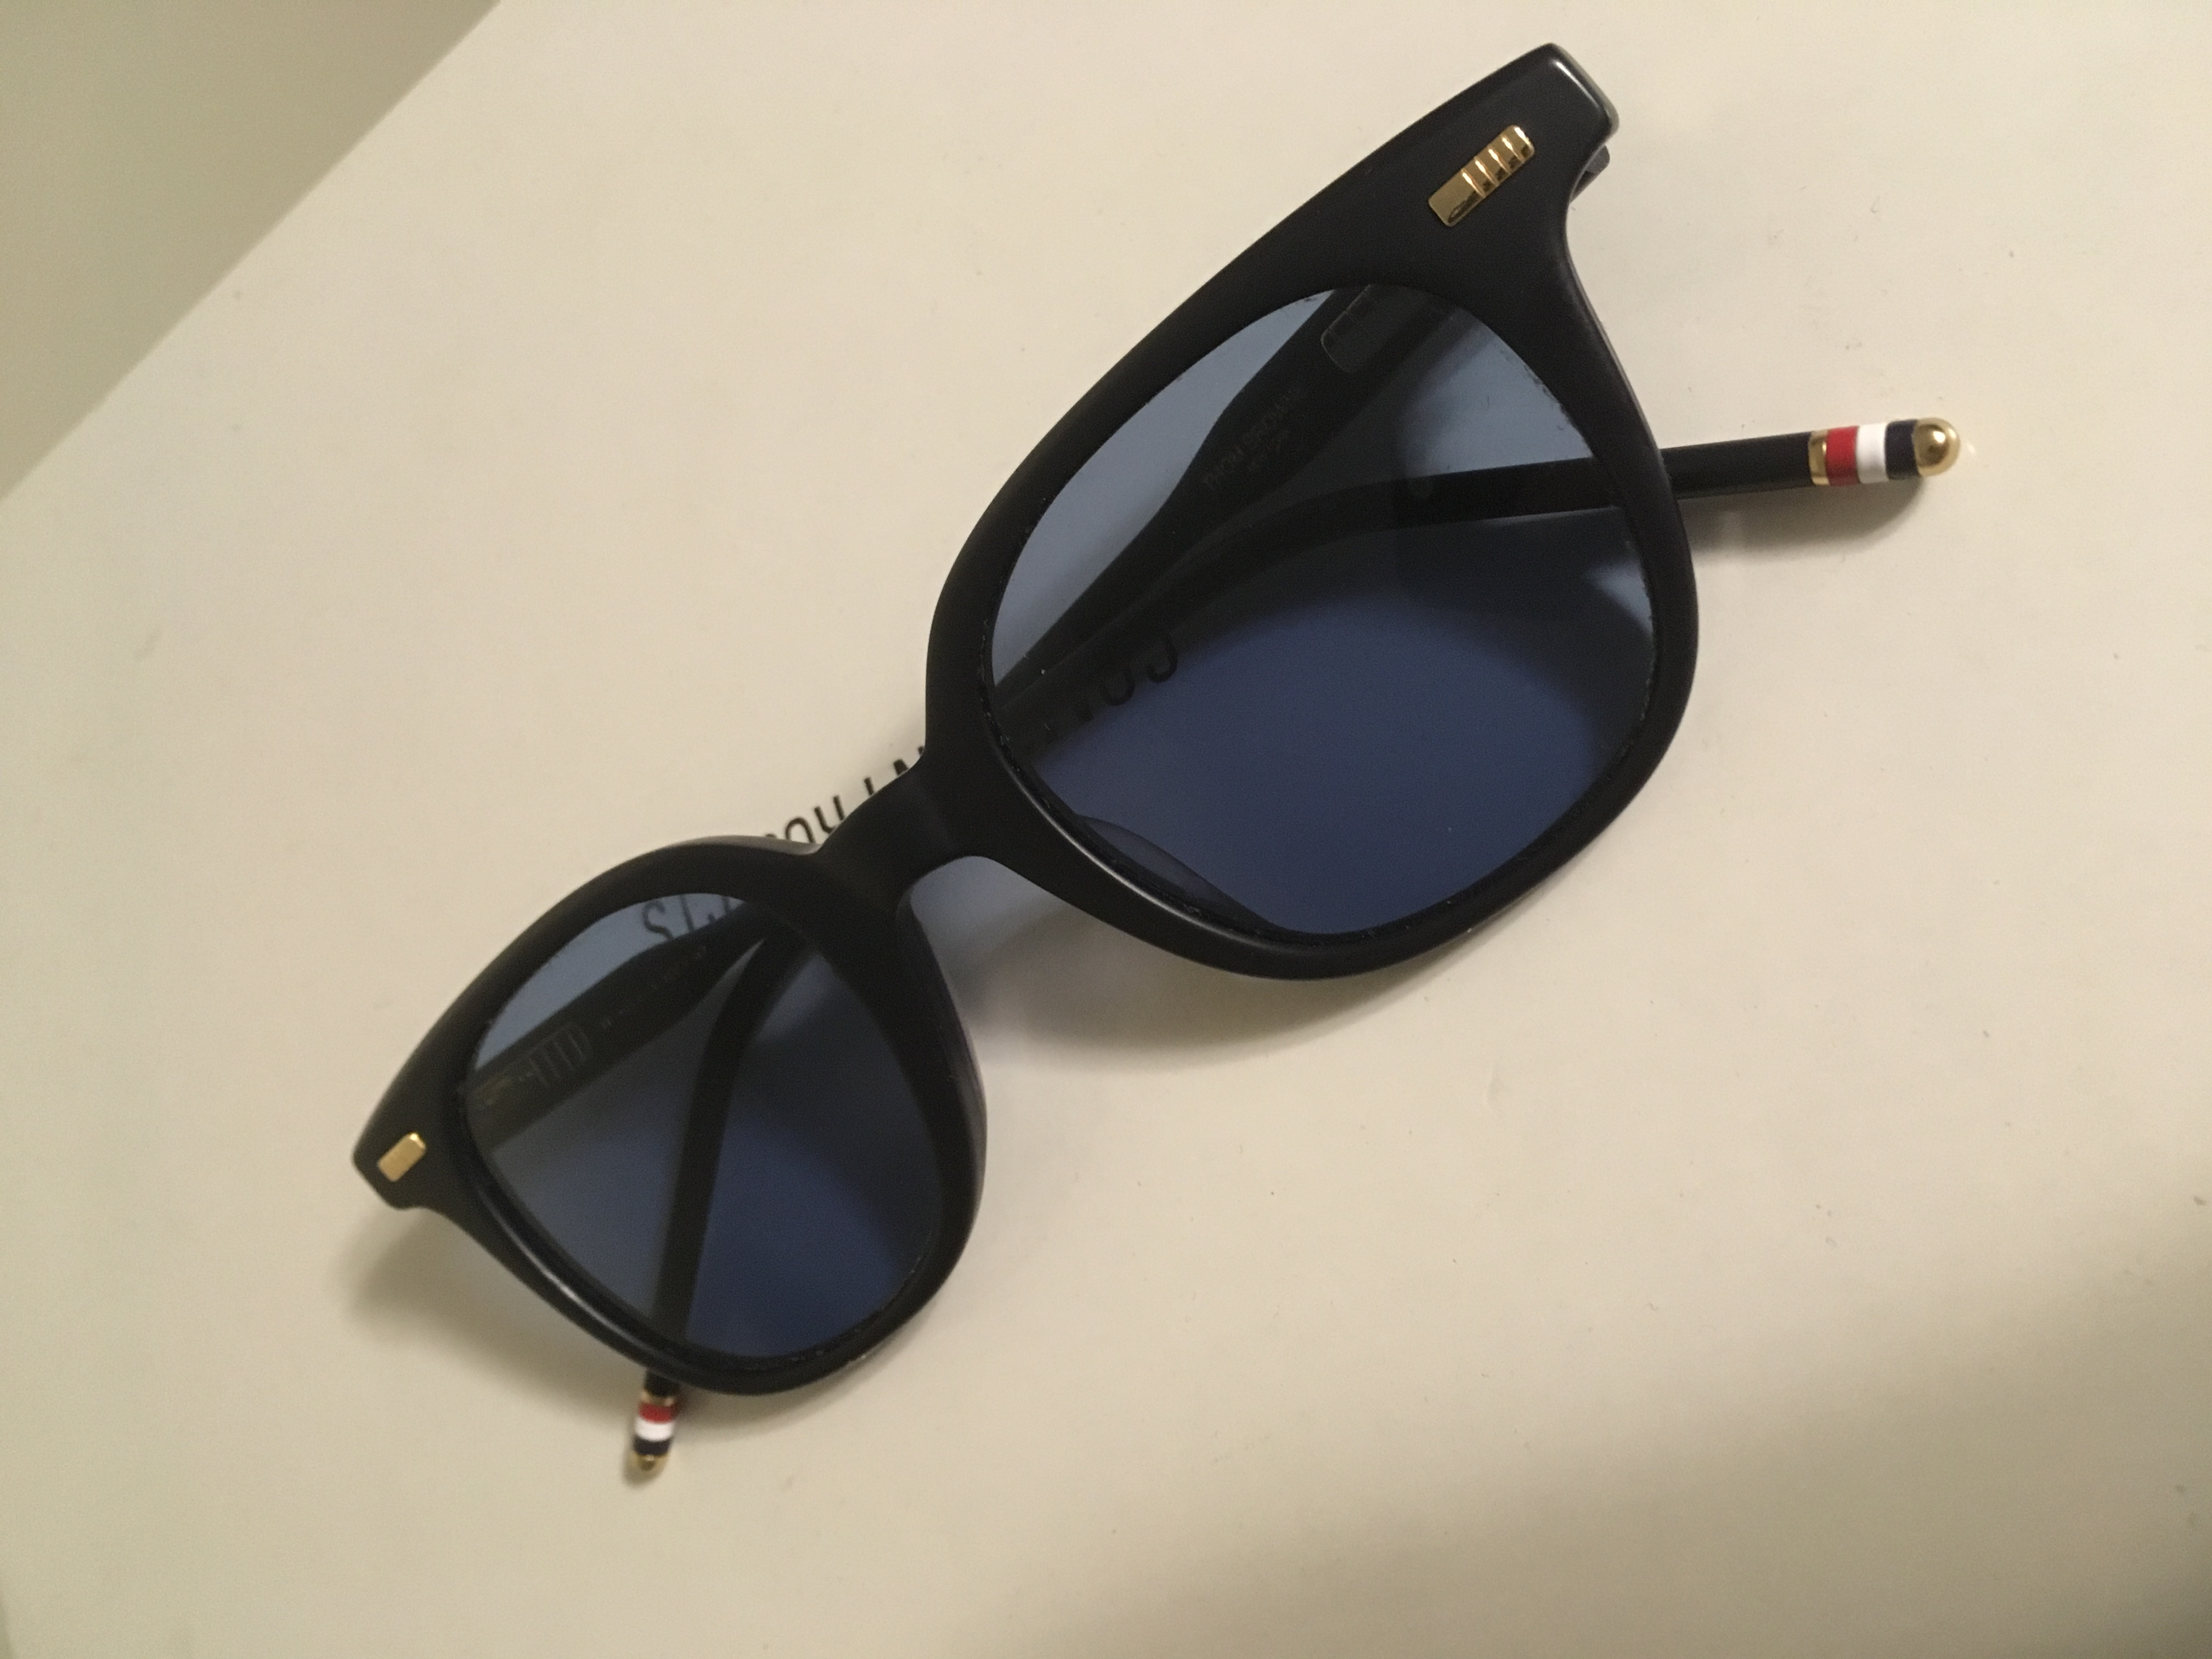 681e644f2b7 Thom Browne Tb-405-c-t-nvy Sunglasses